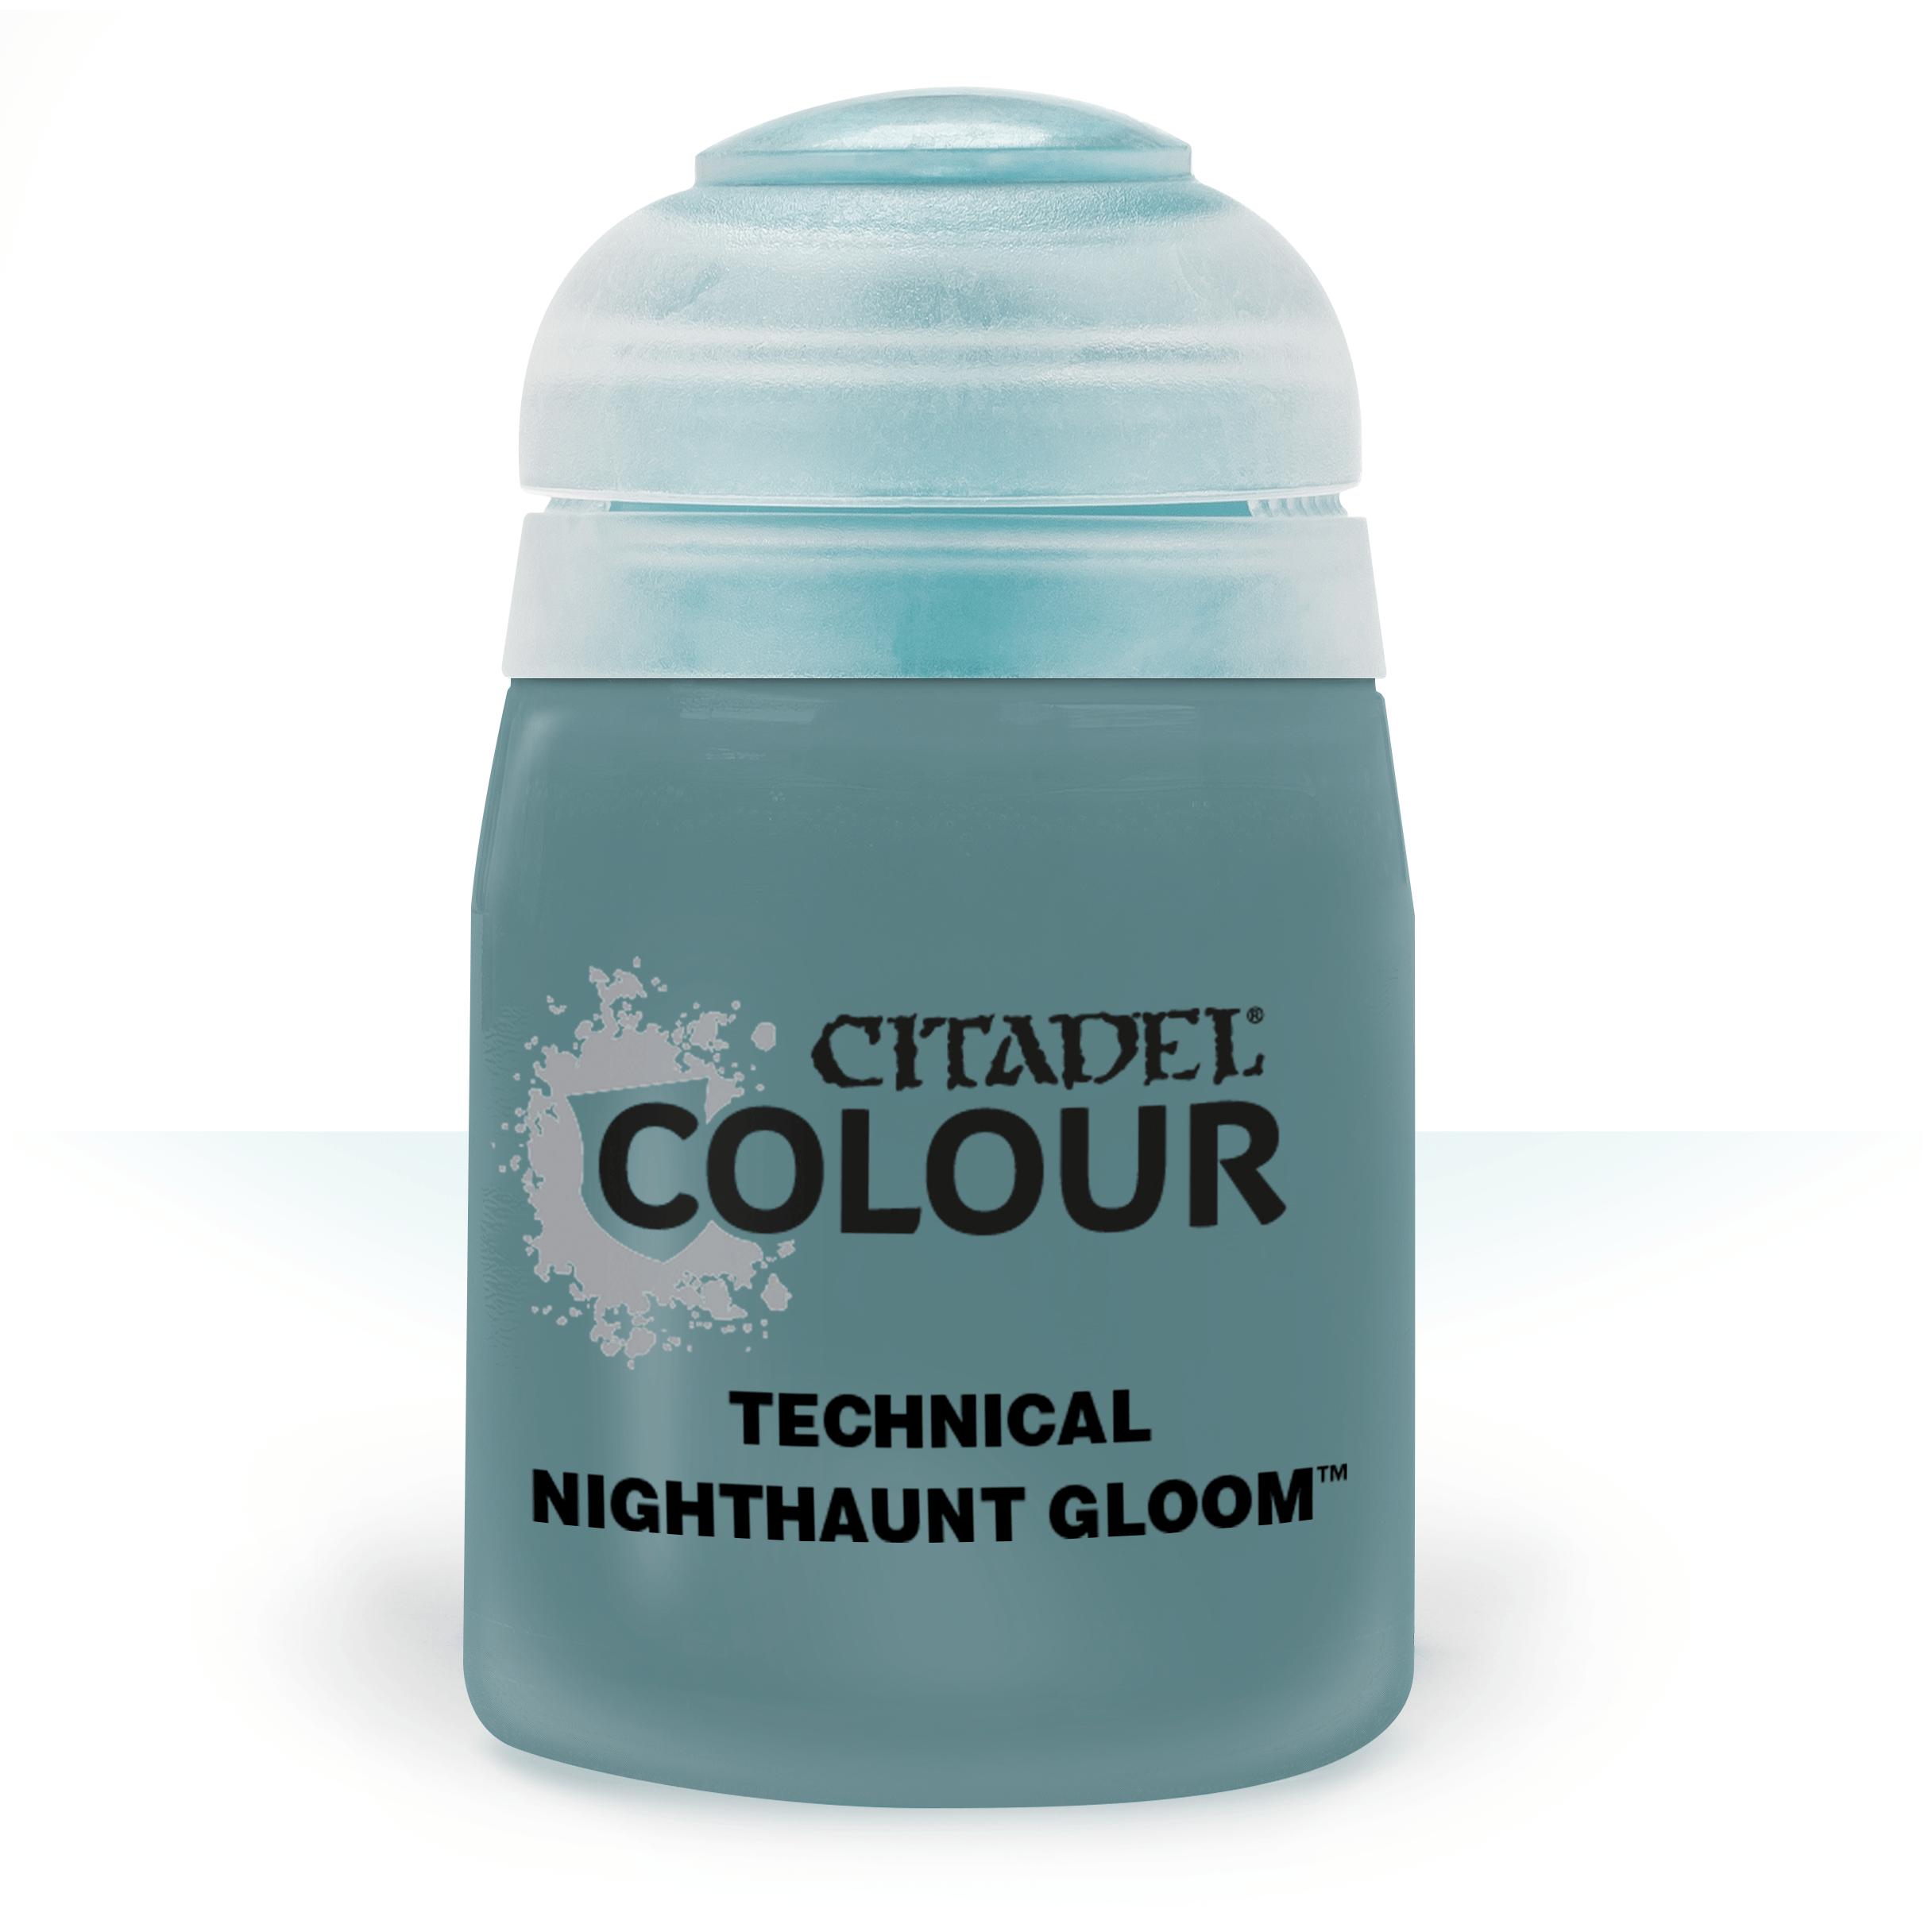 27-19 Technical Nighthaunt Gloom 24ml